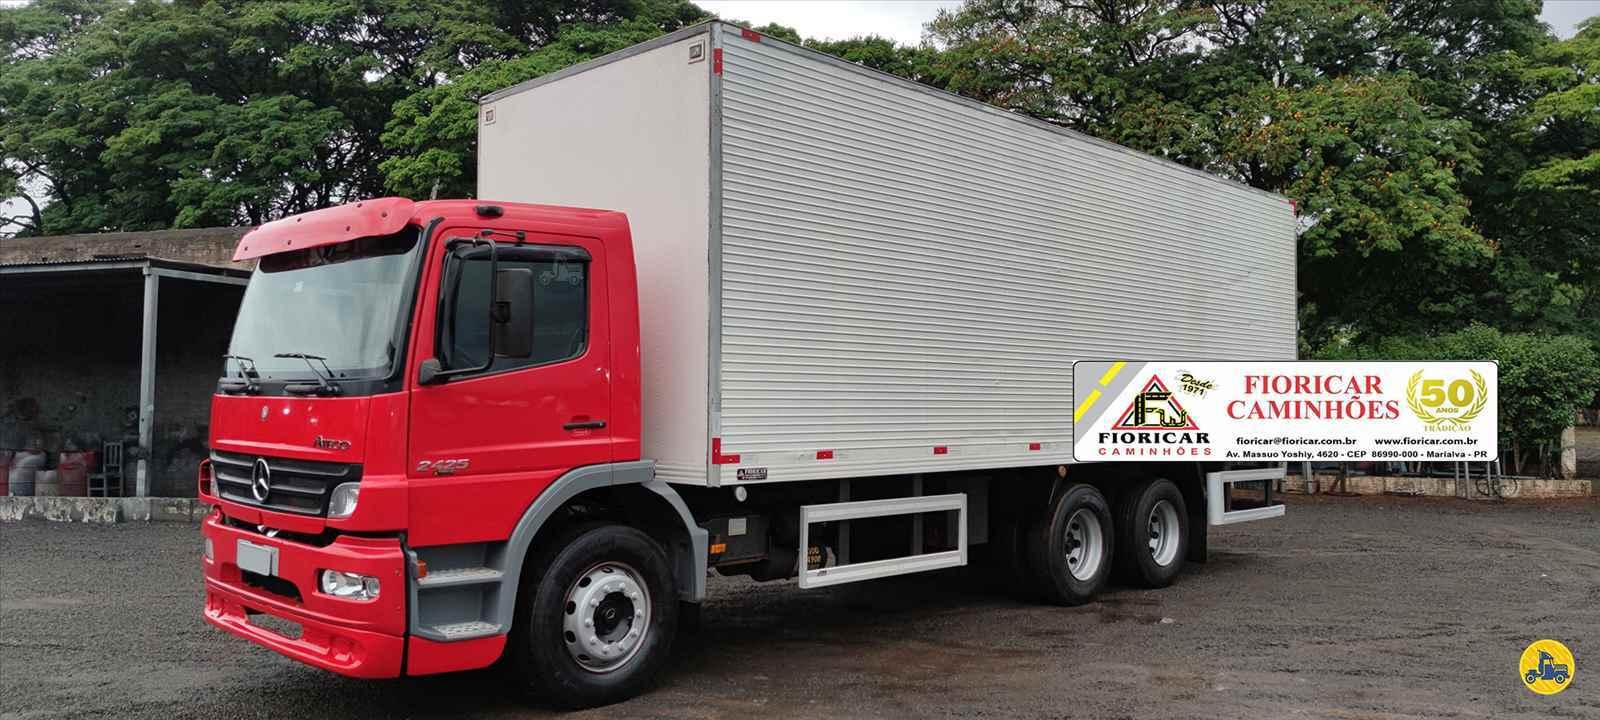 CAMINHAO MERCEDES-BENZ MB 2425 Baú Furgão Truck 6x2 Fioricar Caminhões MARIALVA PARANÁ PR